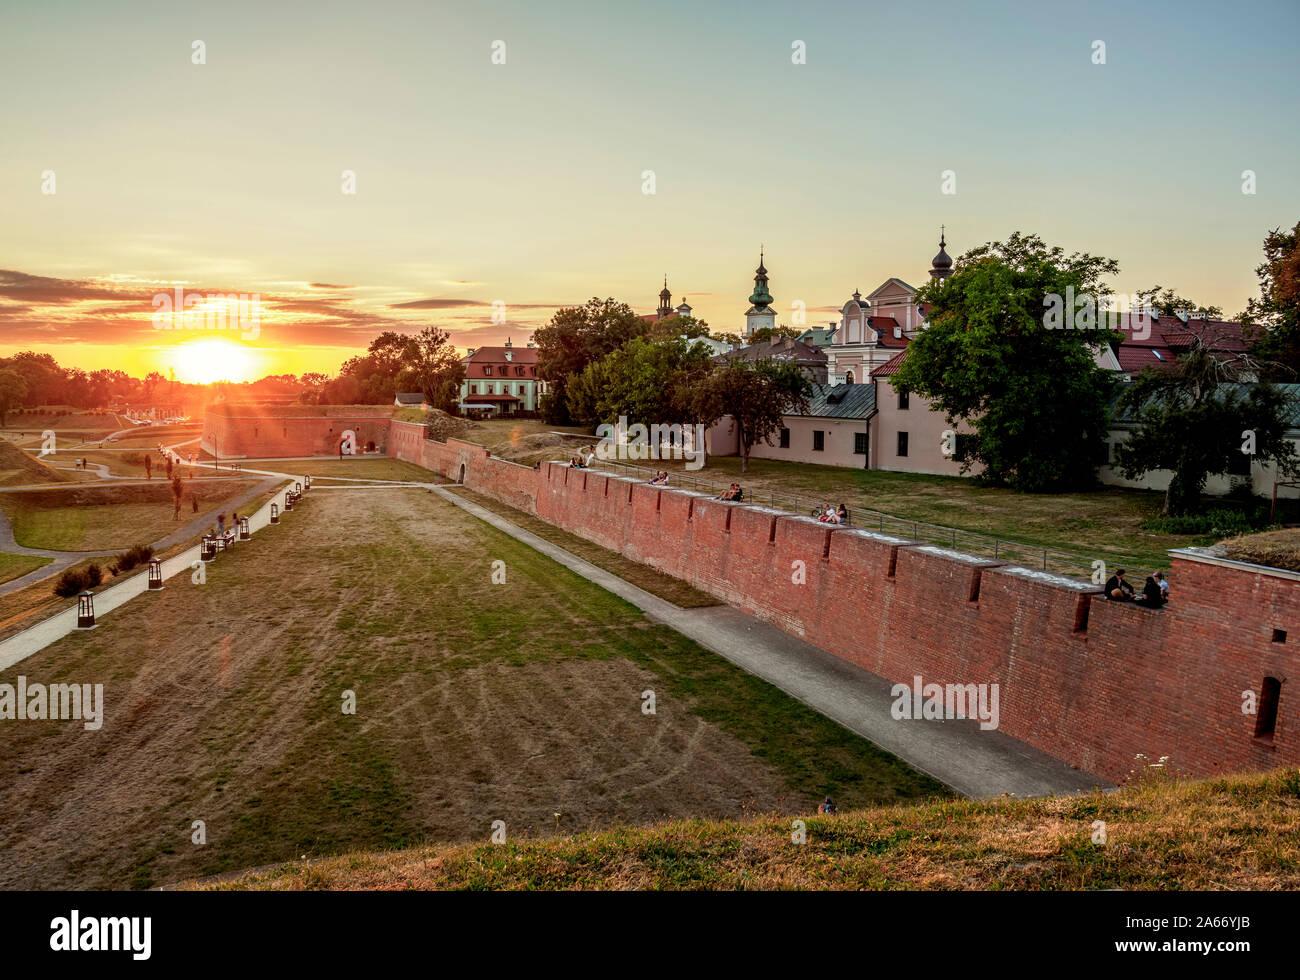 Antiguas Murallas de la ciudad al atardecer, Zamosc, Voivodato de Lublin, Polonia Foto de stock